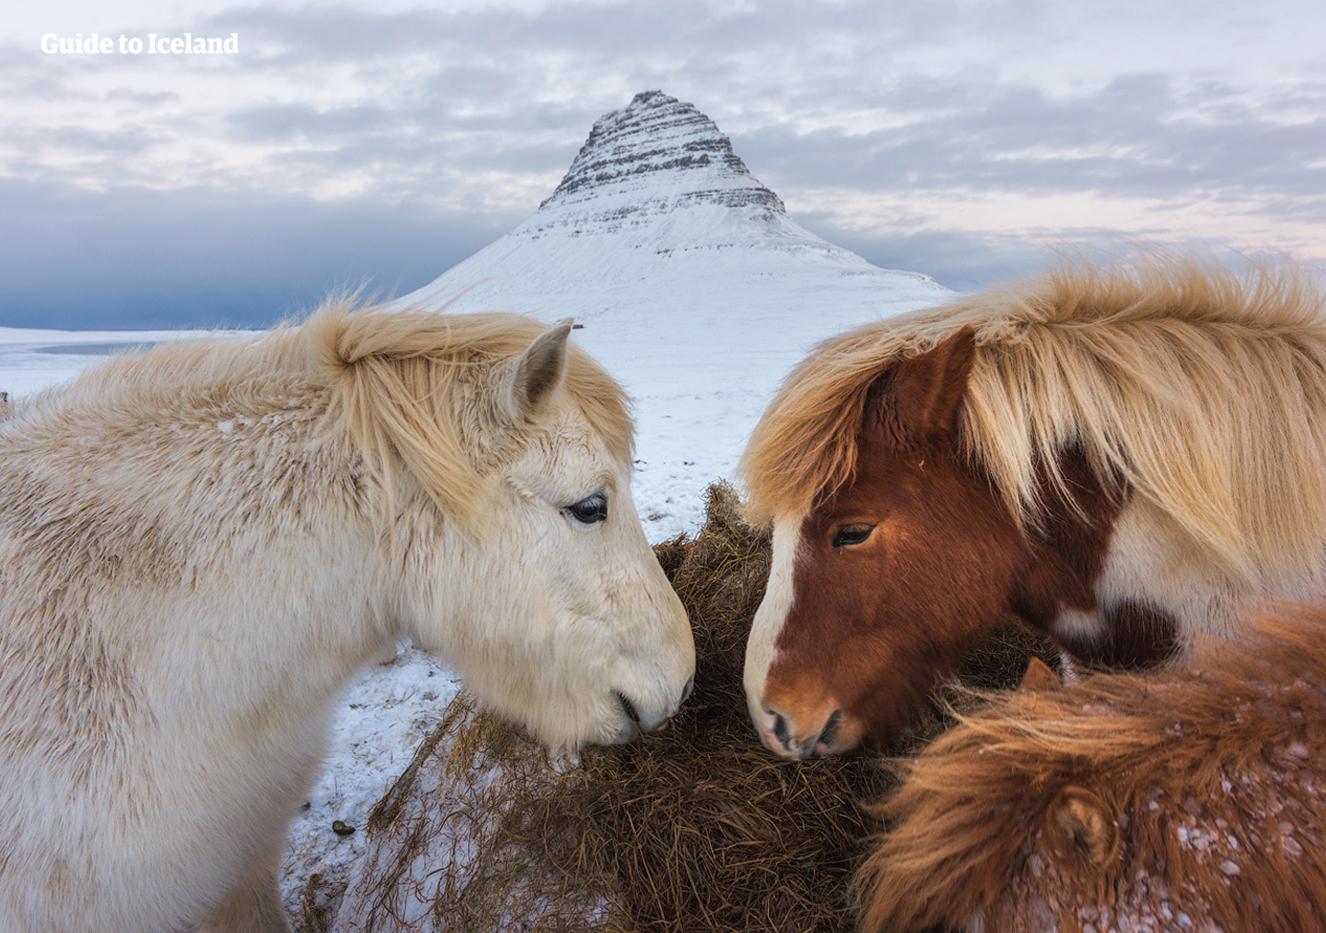 Kirkjufull, een berg in het westen van IJsland die hier in de winter is gefotografeerd, vormt de achtergrond voor dit beeld van IJslandse paarden.